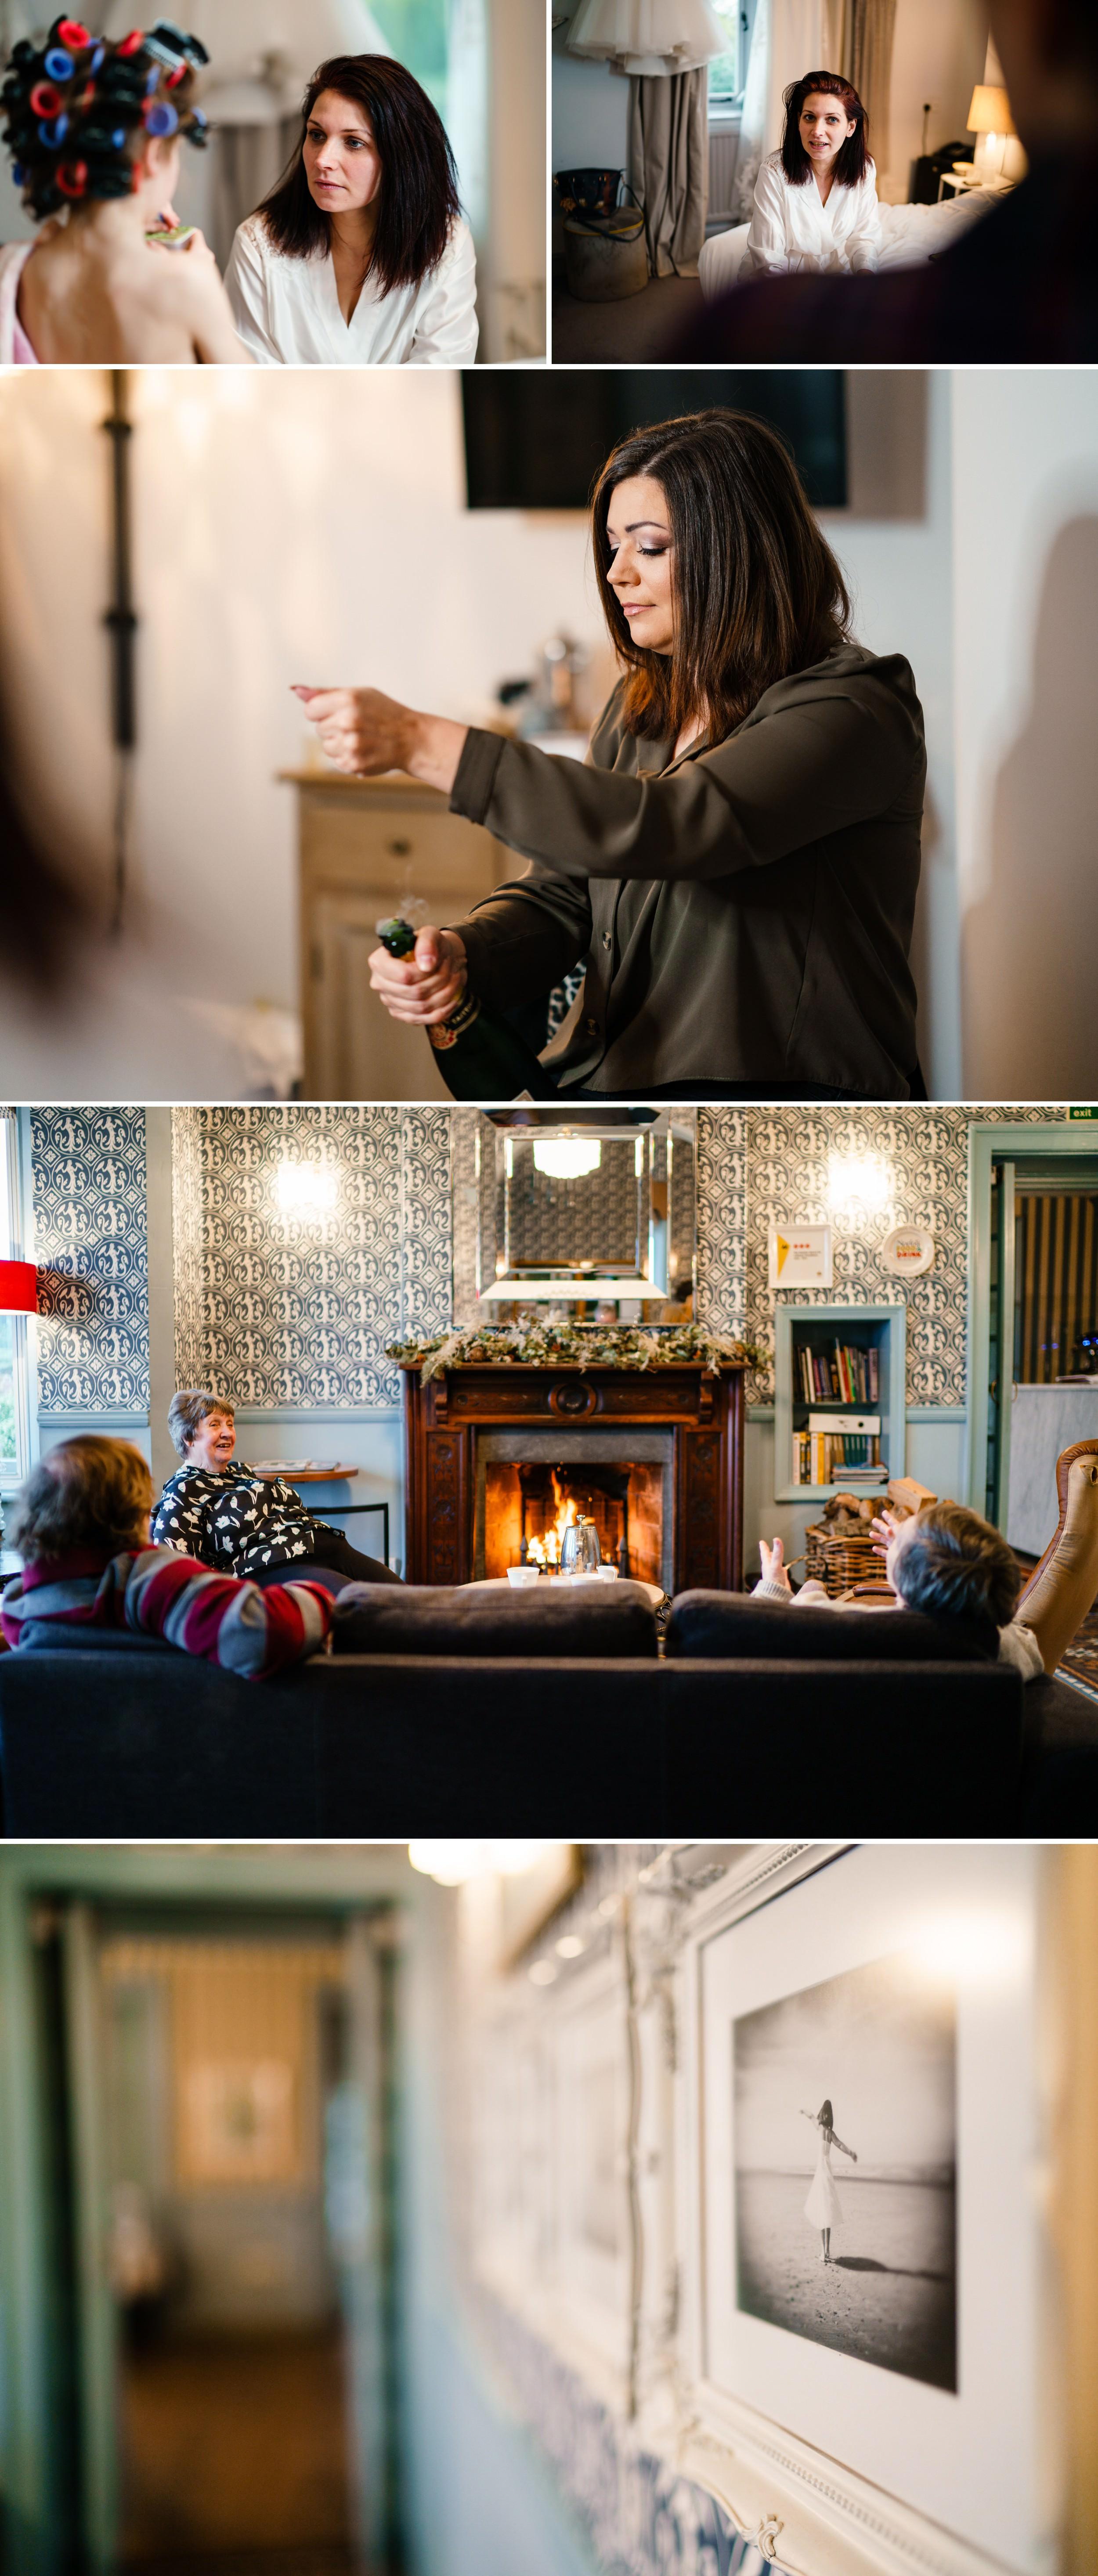 Titchwell-manor-north-norfolk-wedding_Michelle-Oliver_0002.jpg